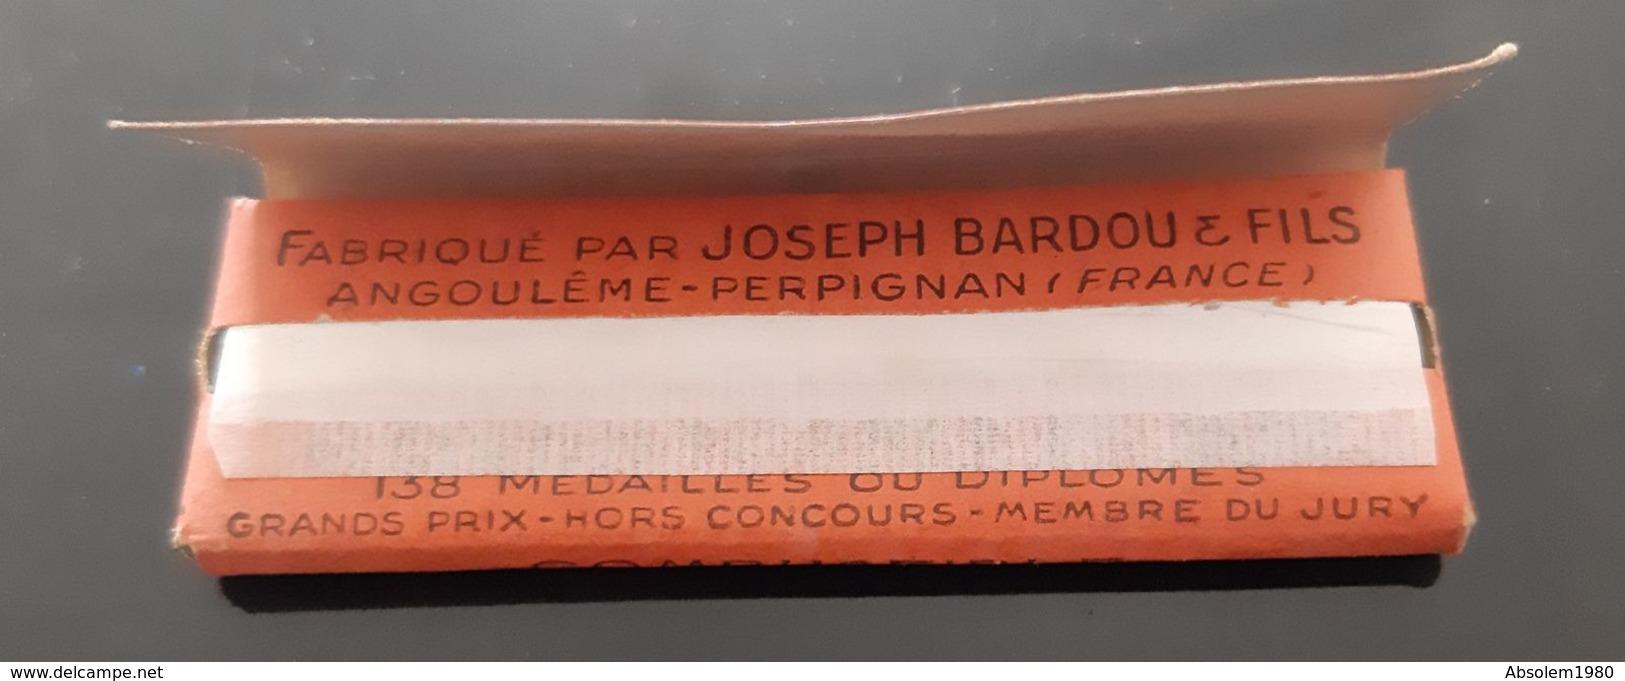 PAPIER A CIGARETTES LE NIL JOSEPH BARDOU & FILS ANCIEN ROULEAU GOMME ANTIQUE ROLLING PAPER TABAC TOBACCO TABACOLOGIE - Cigarettes - Accessoires